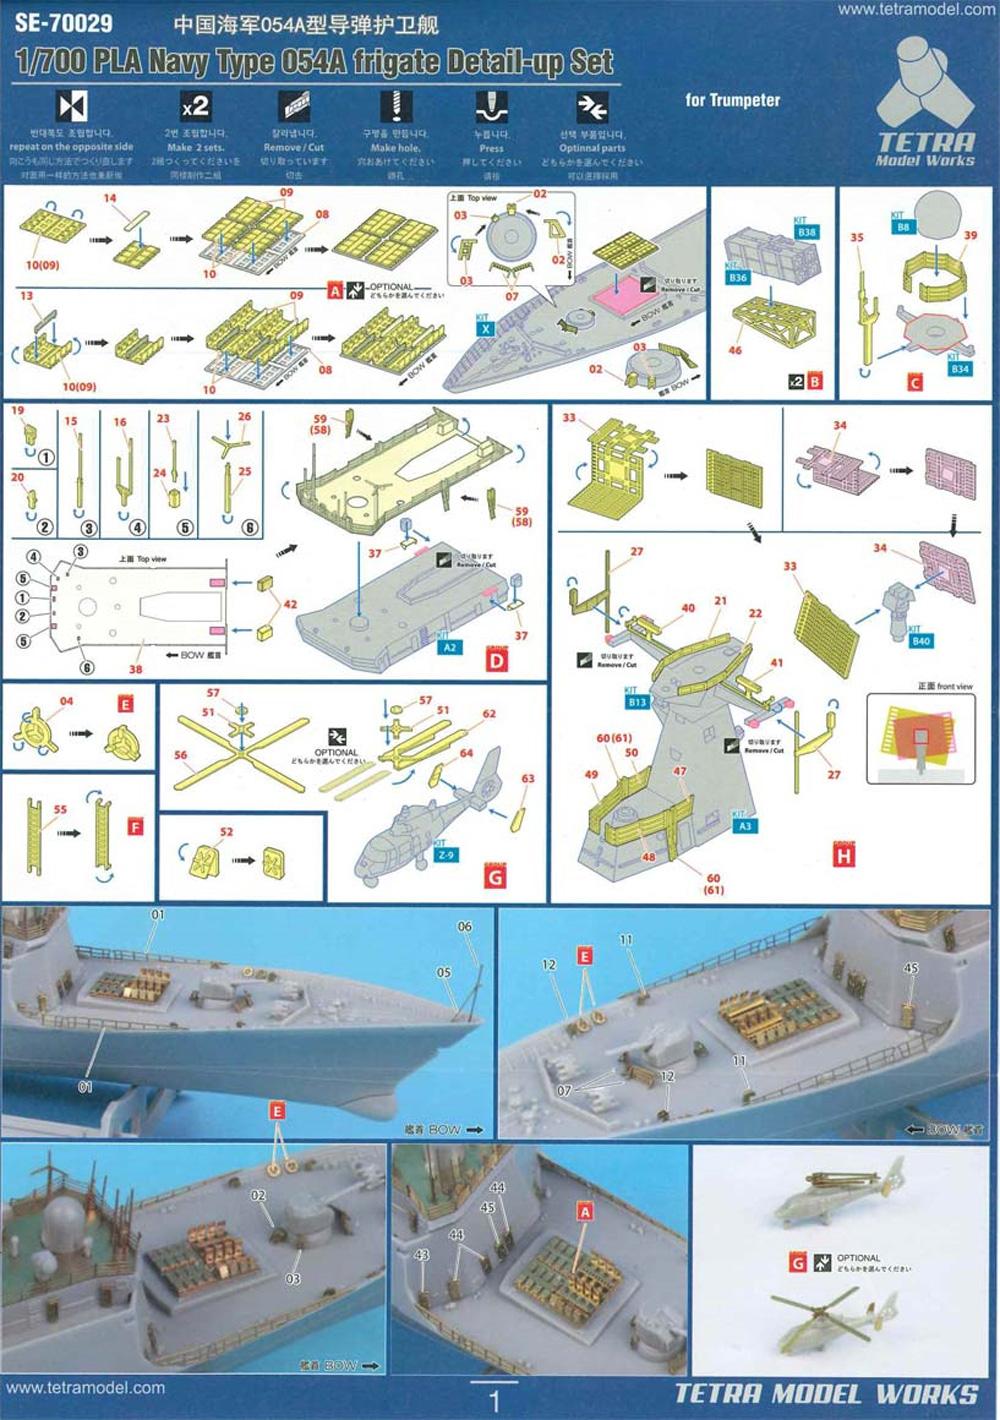 中国海軍 054A型 フリゲート艦 ディテールアップ セット (トランペッター用)エッチング(テトラモデルワークス艦船 エッチングパーツNo.SE-70029)商品画像_2